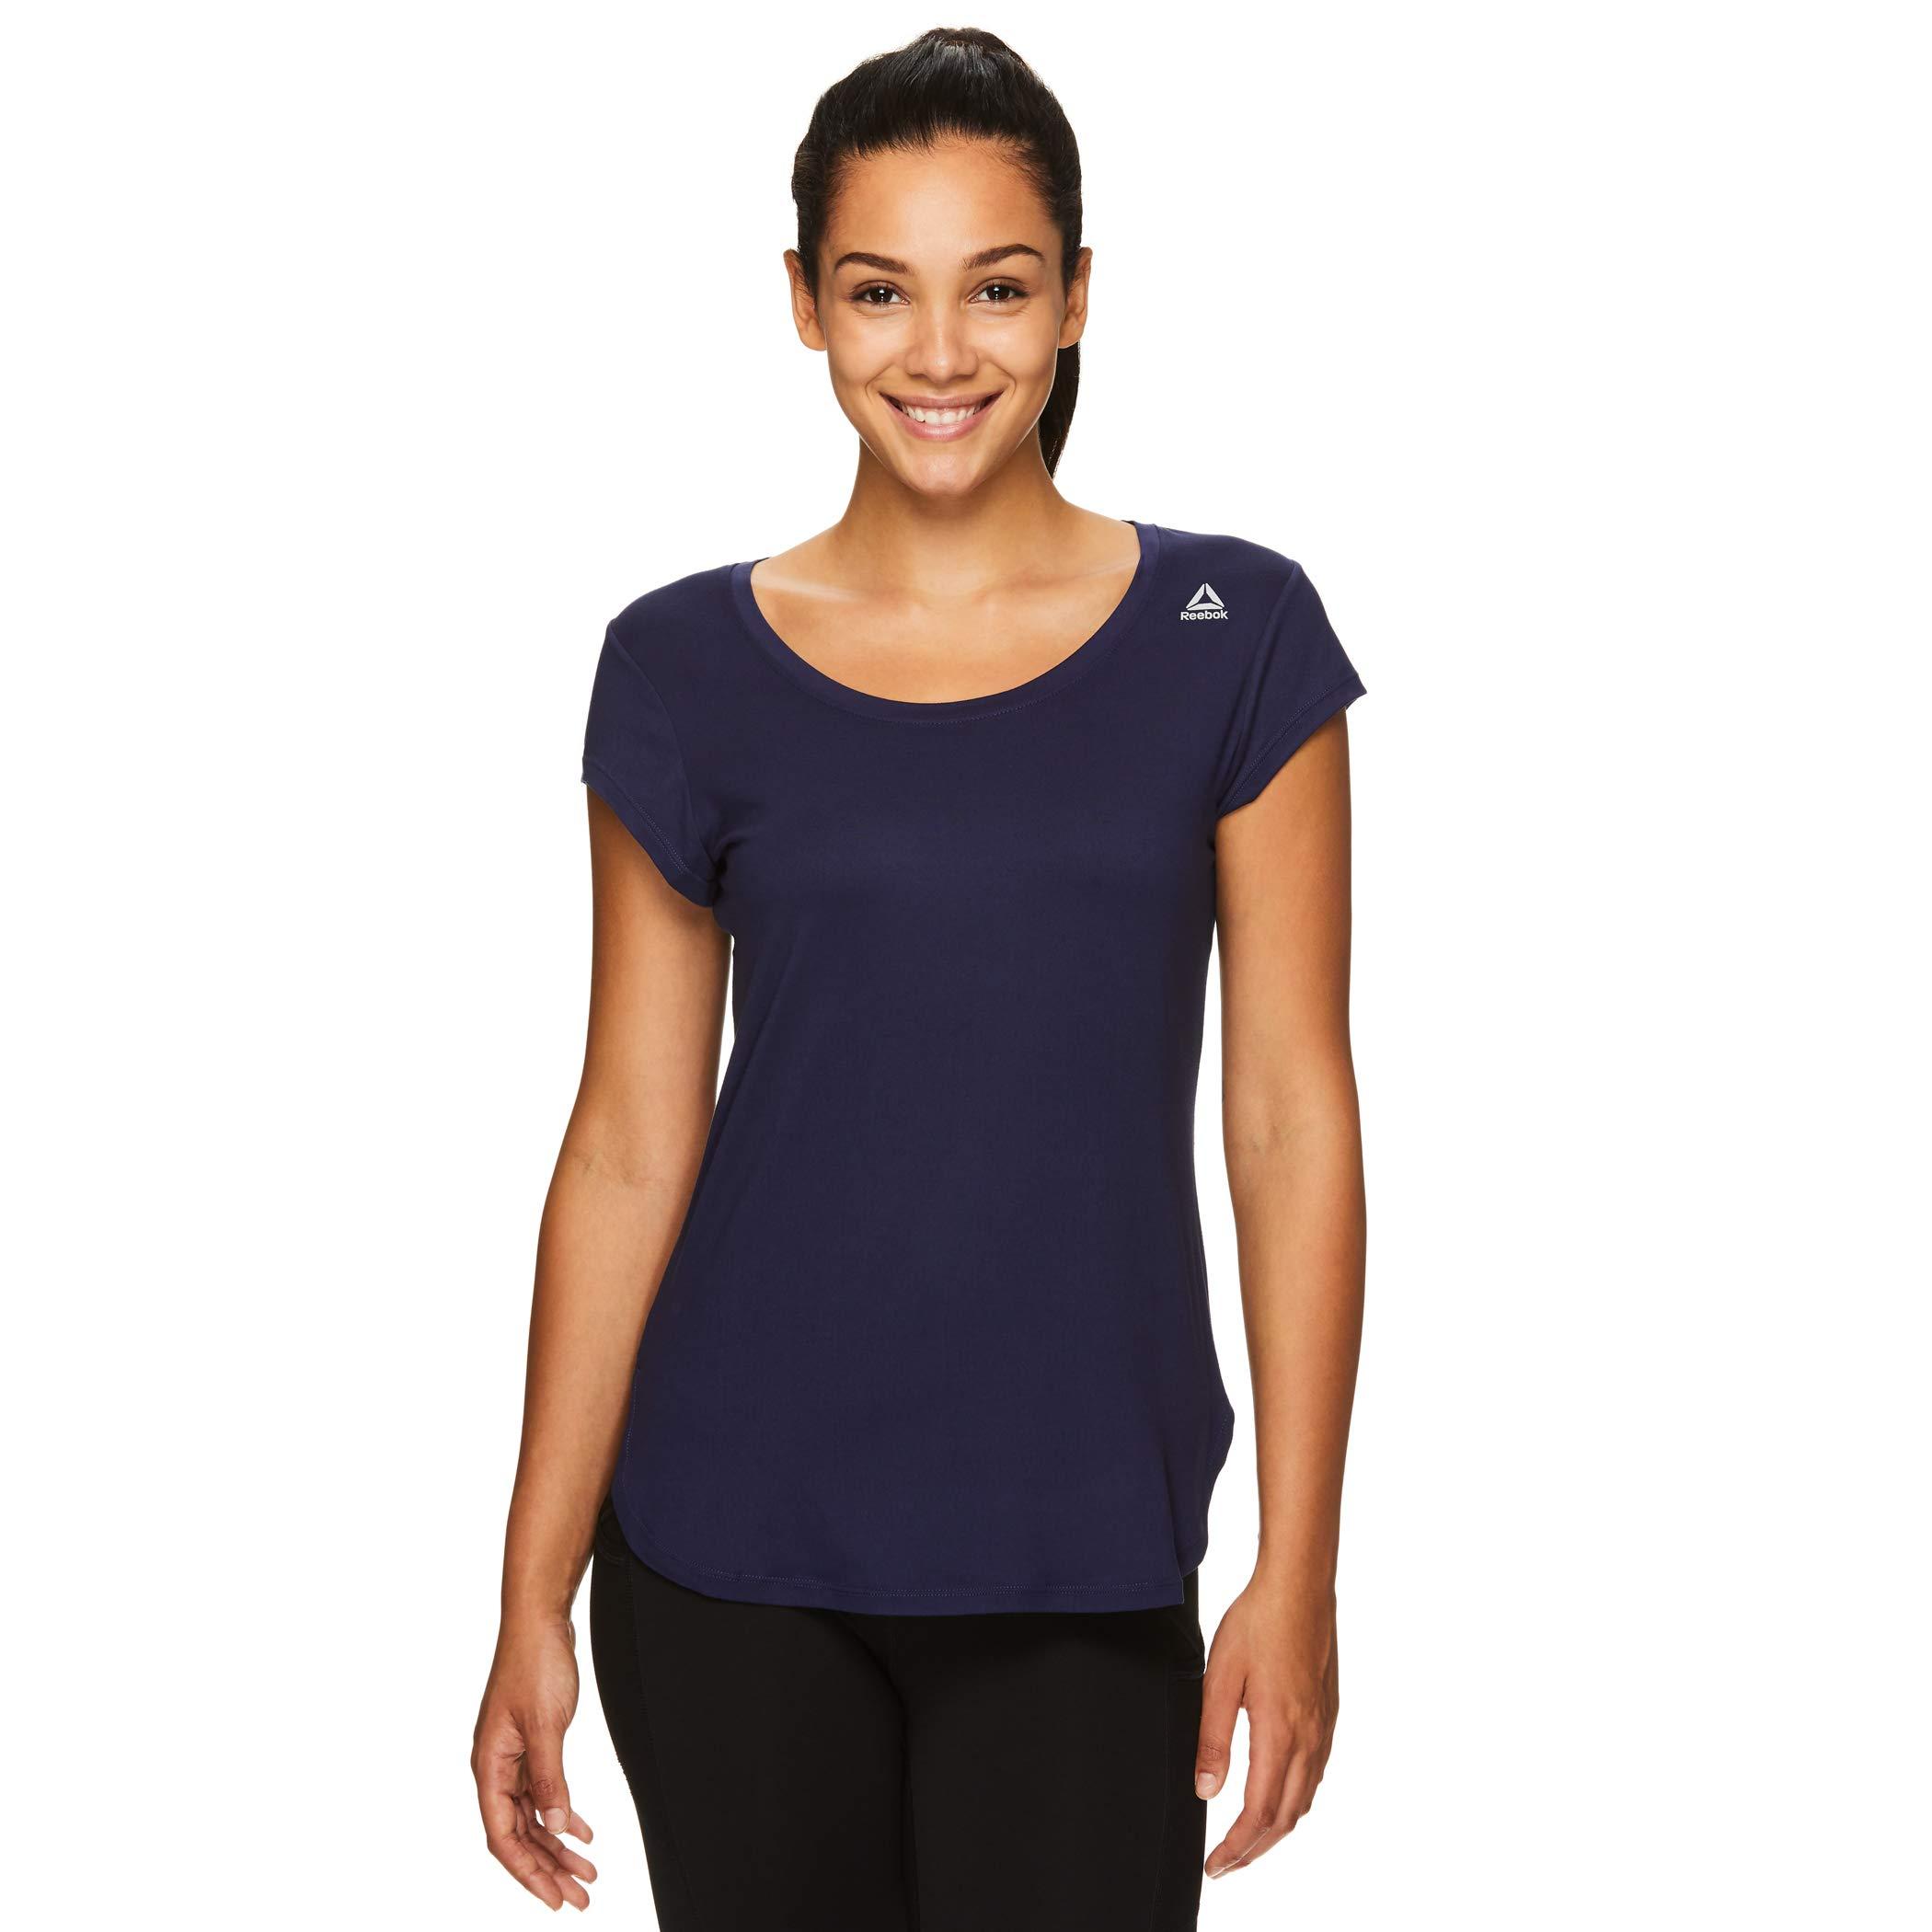 Reebok Women's Legend Performance Top Short Sleeve T-Shirt - Legend SS Medieval Blue, X-Small by Reebok